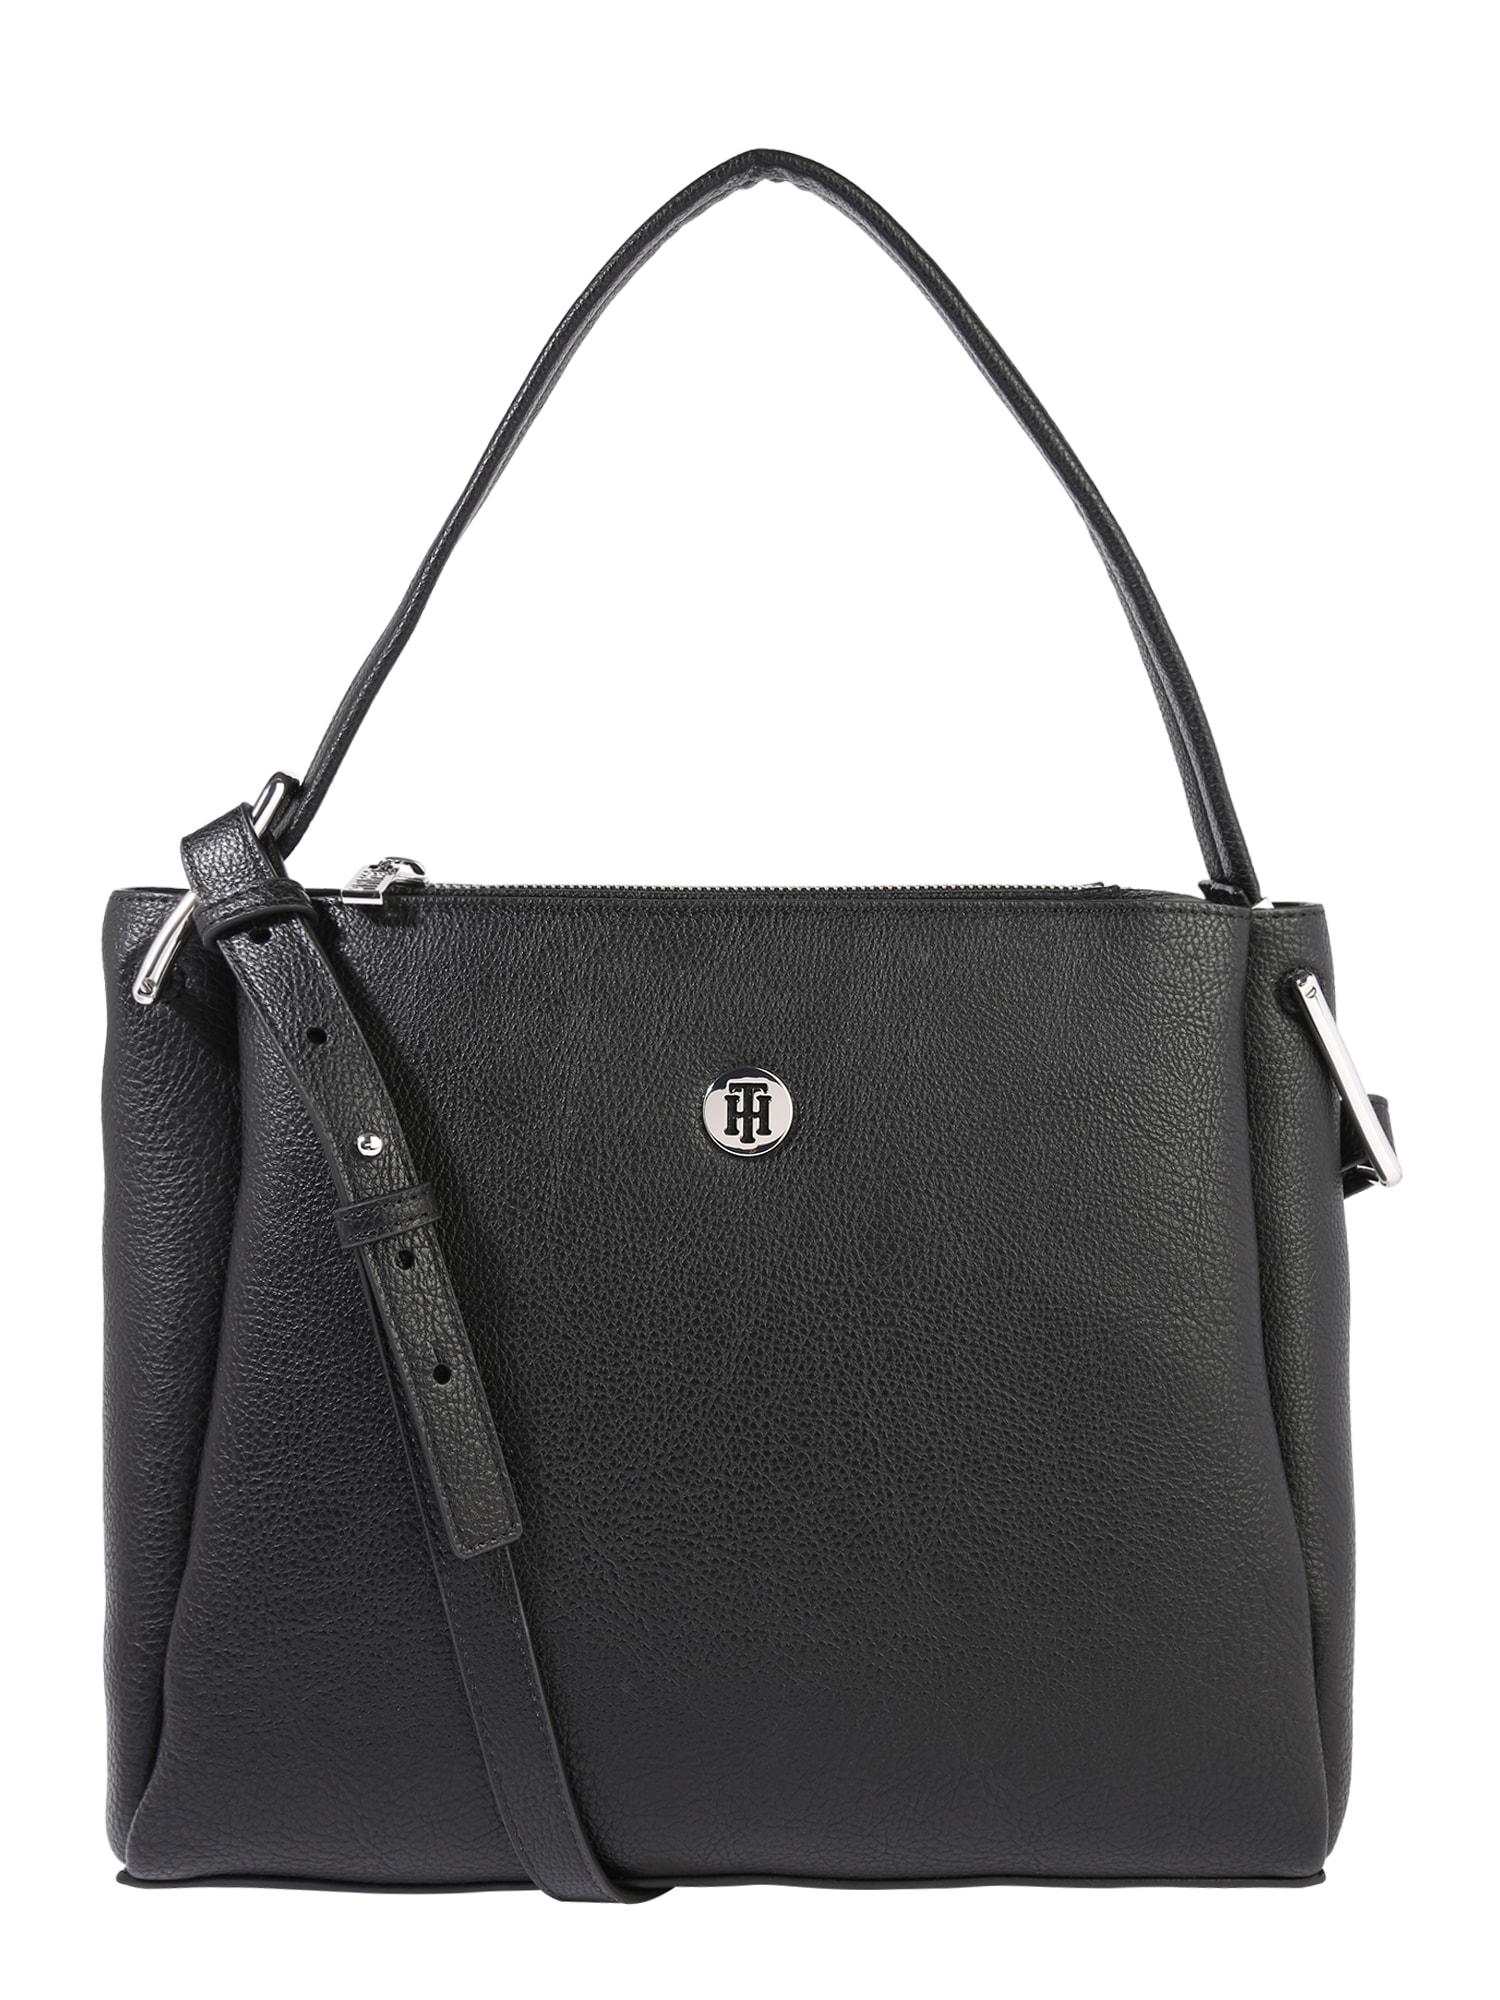 Kabelka TH Core Shoulder Bag černá TOMMY HILFIGER